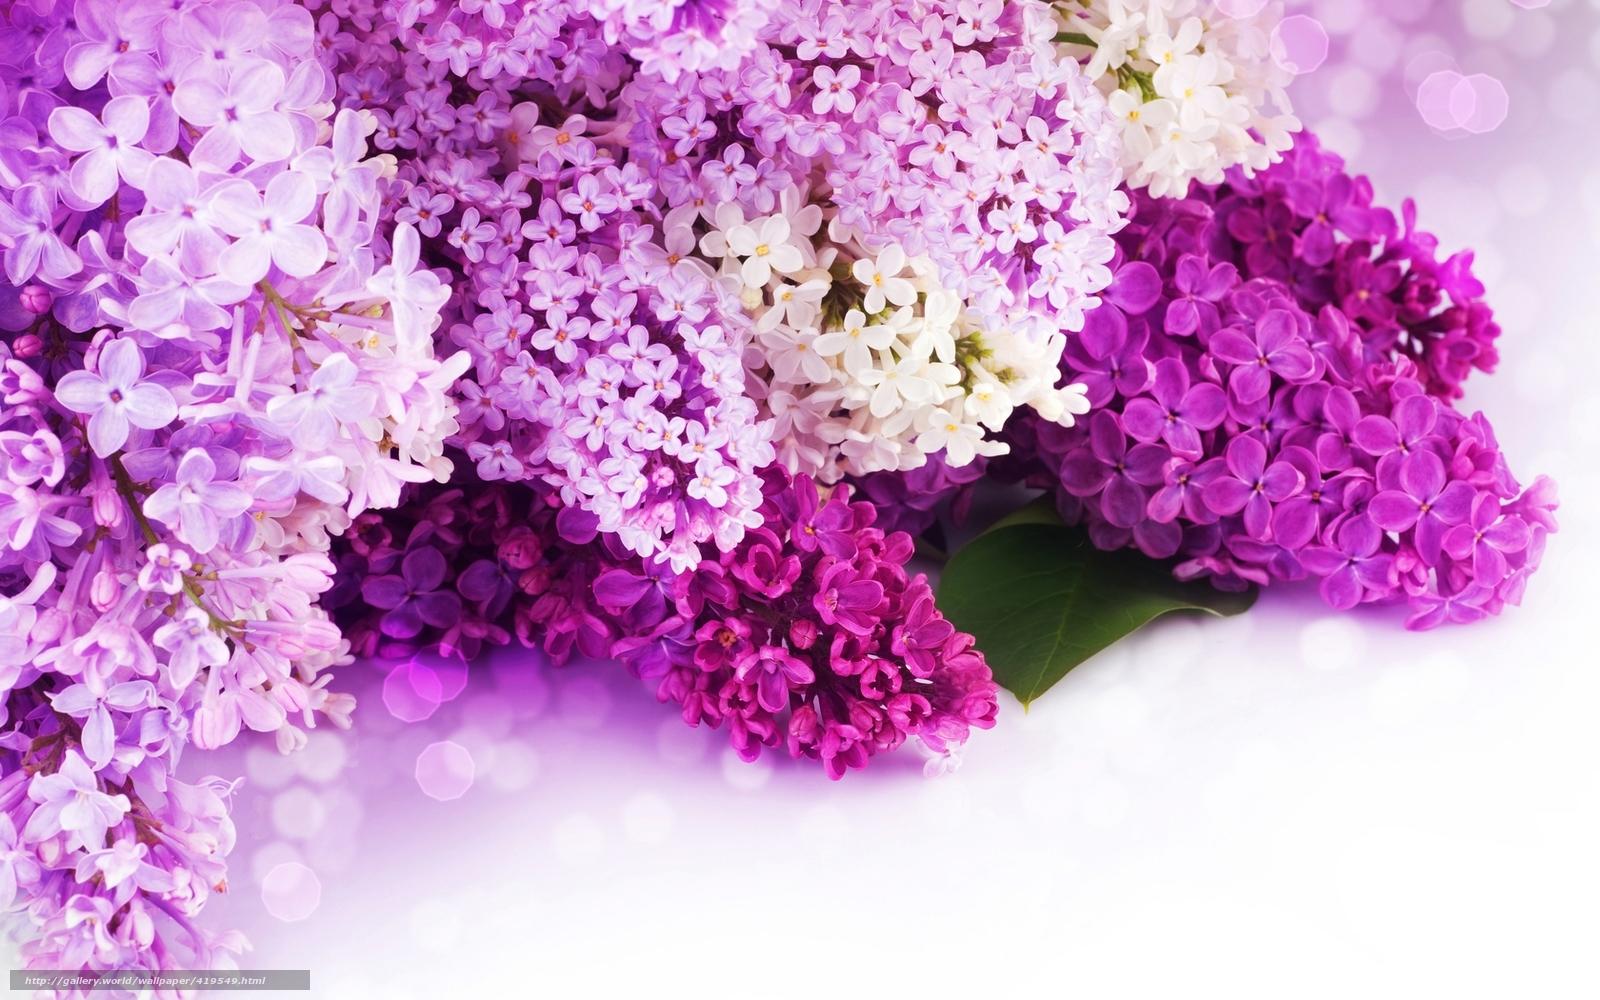 Красивые обои весна на рабочий стол (35 фото) Прикольные